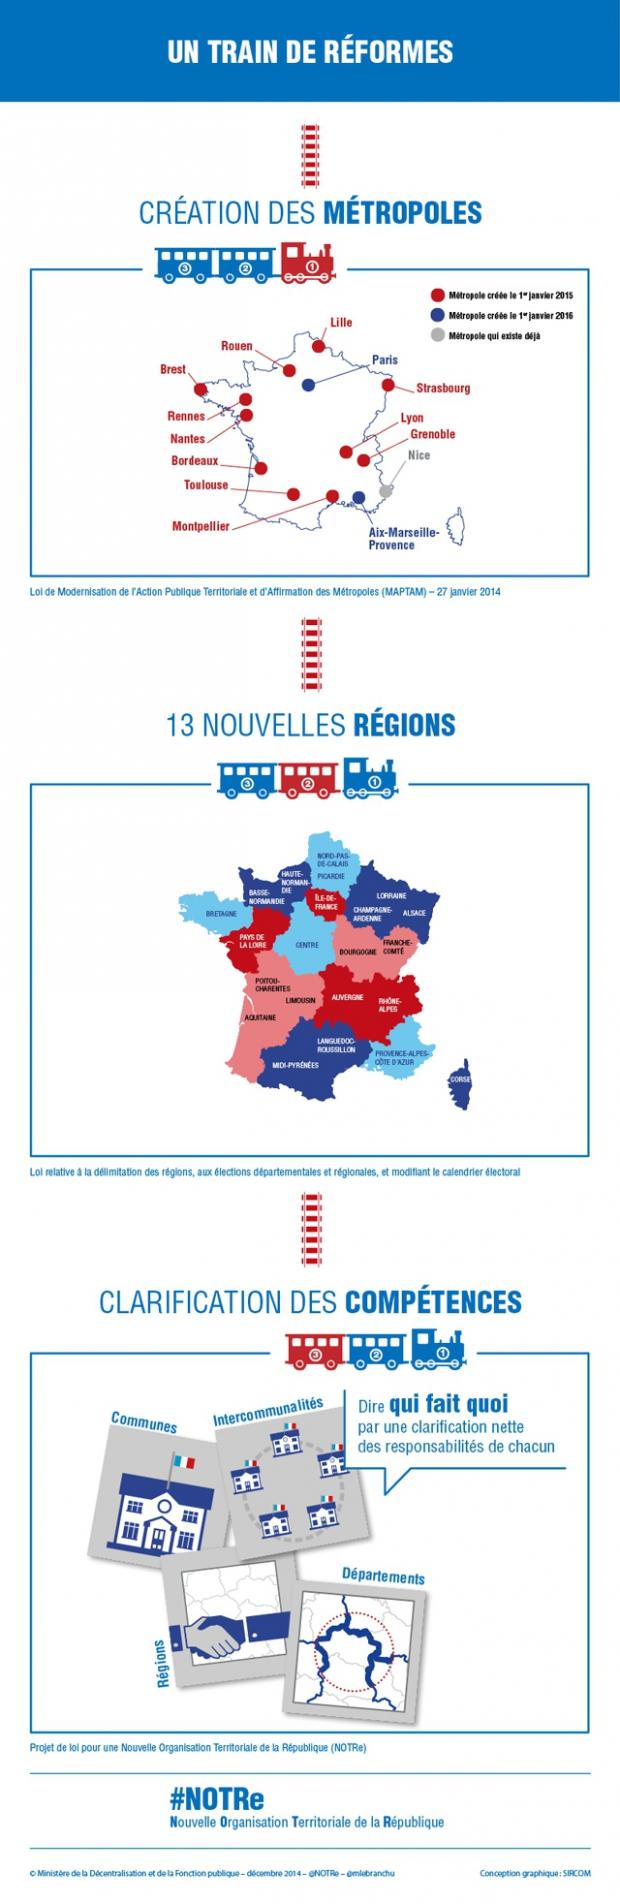 Infographie sur le train de réformes  - voir en plus grand